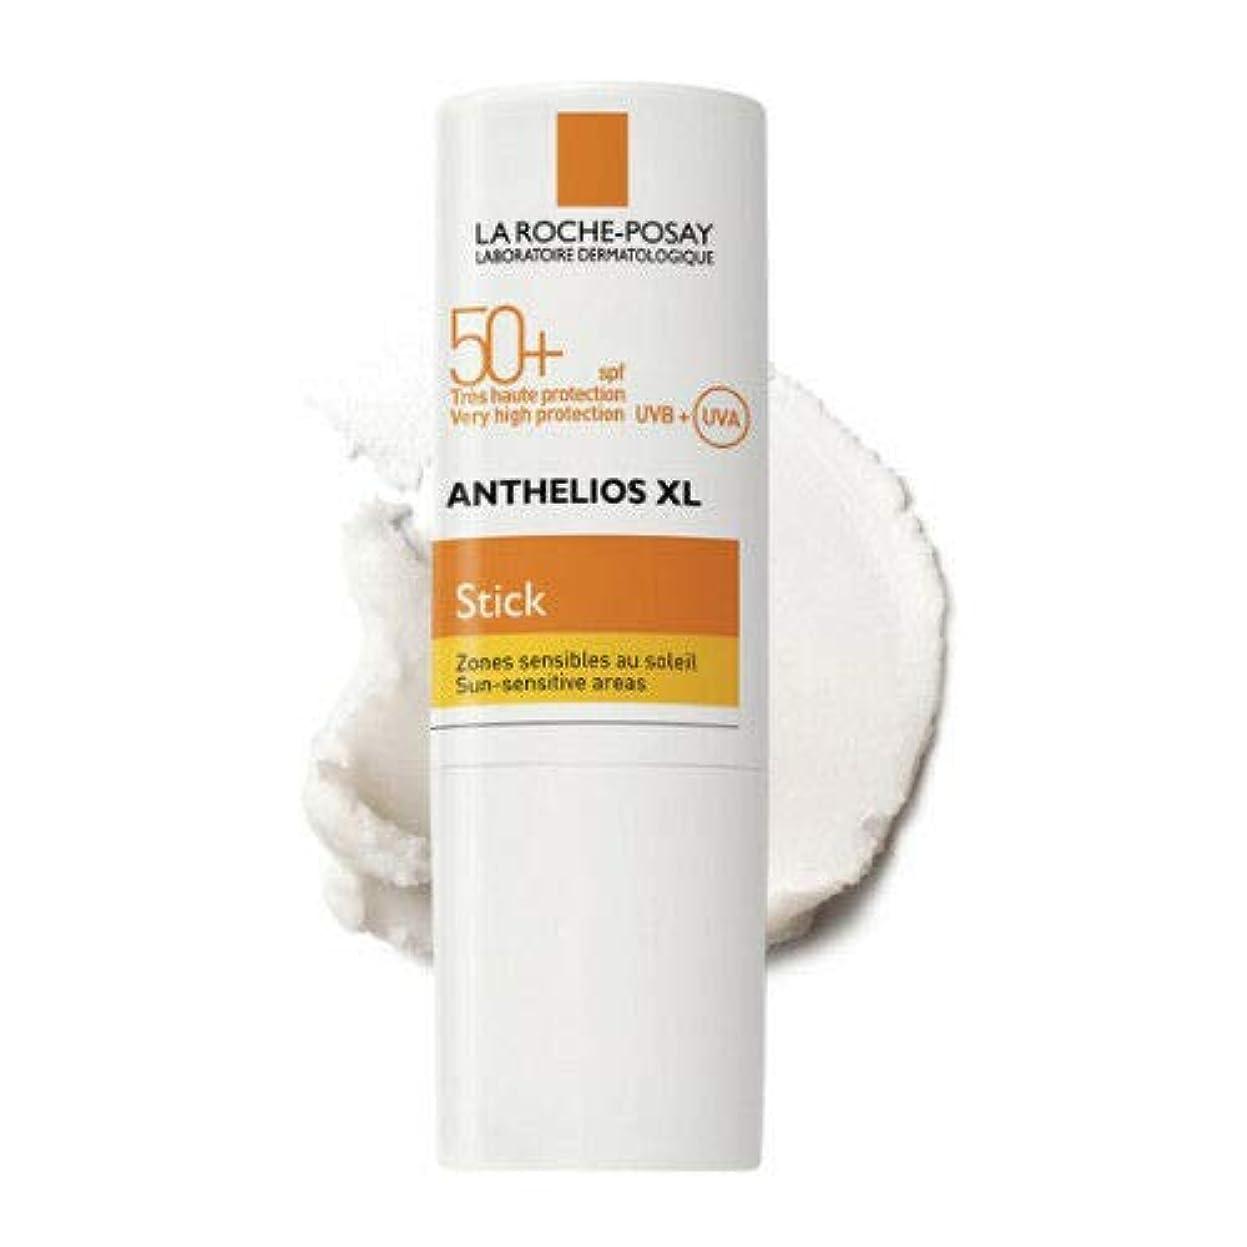 疫病効果候補者LA ROCHE-POSAY Anthelios アンテリオス XL Stick サンスティック (9g) SPF50+ PA+++ フランス日焼け止め